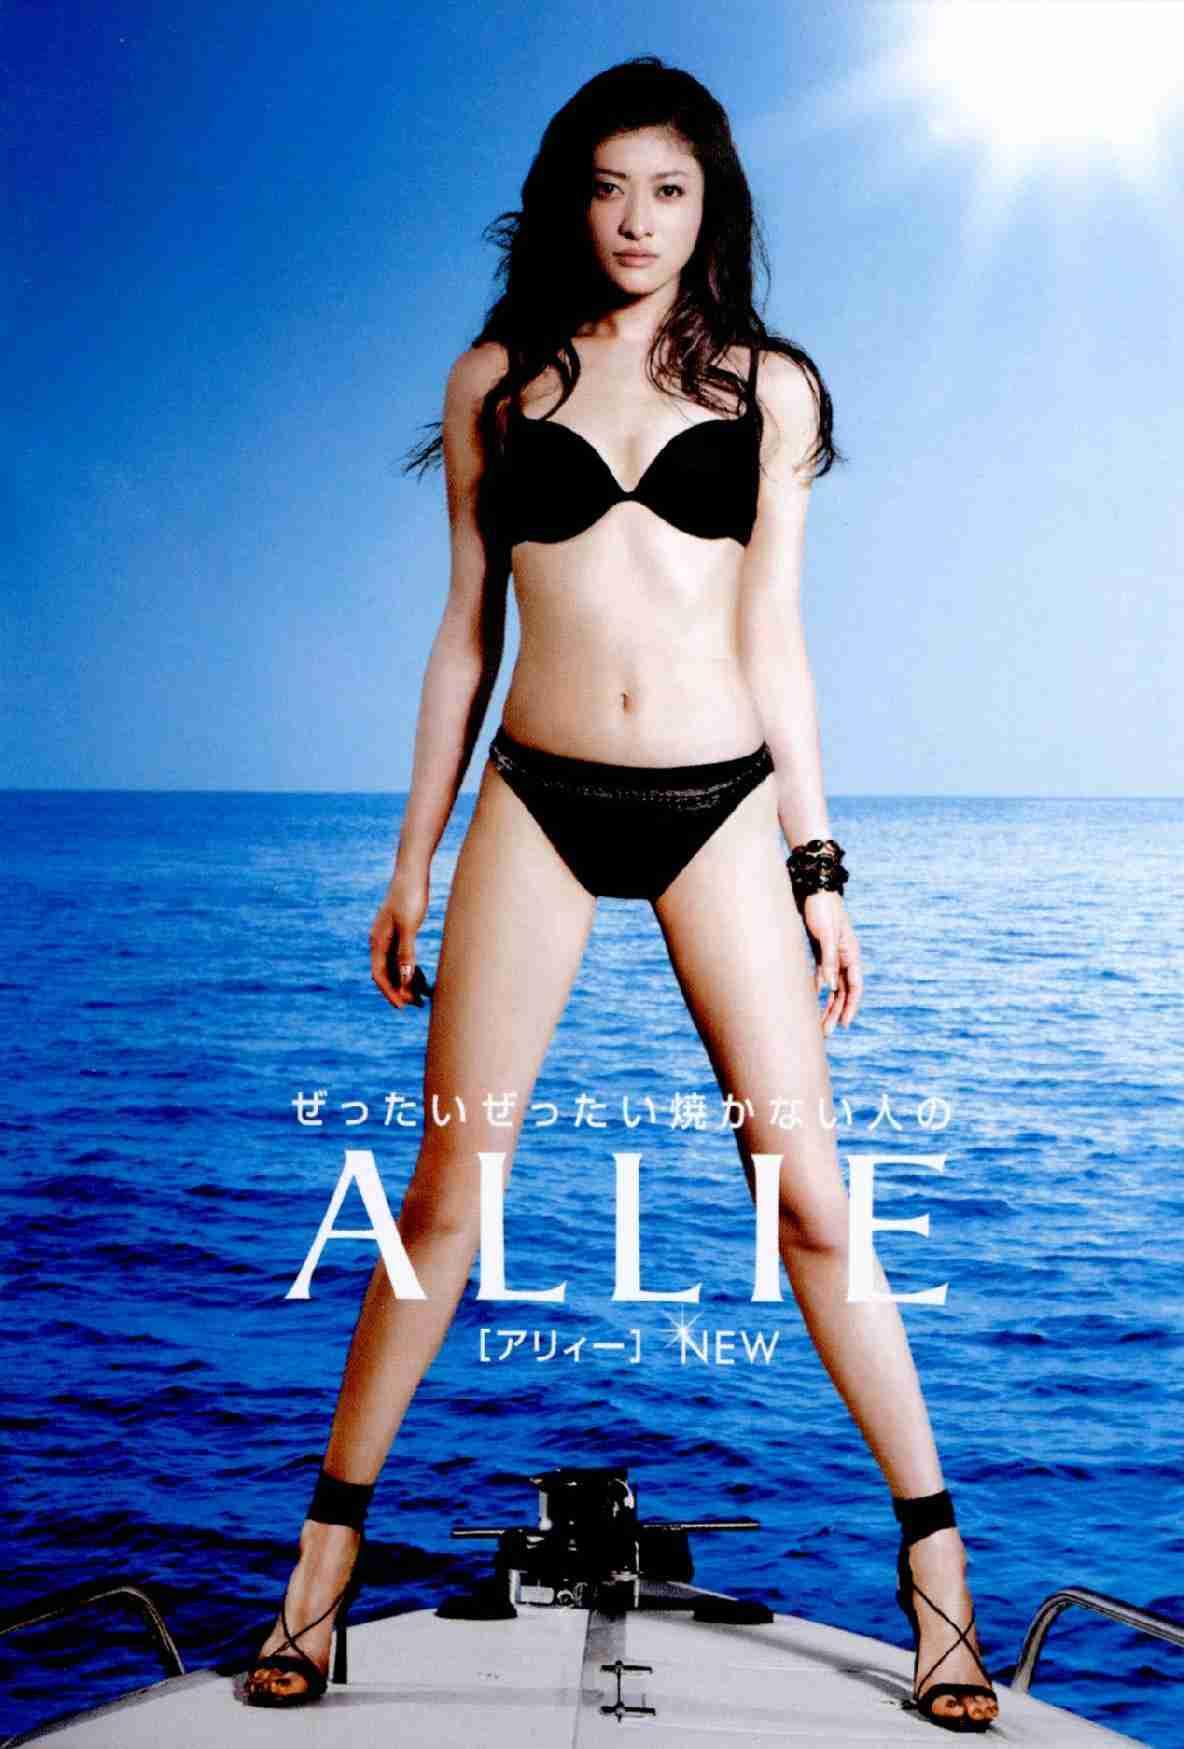 山田優、産後初の姿に驚きの声「体型変わらない」